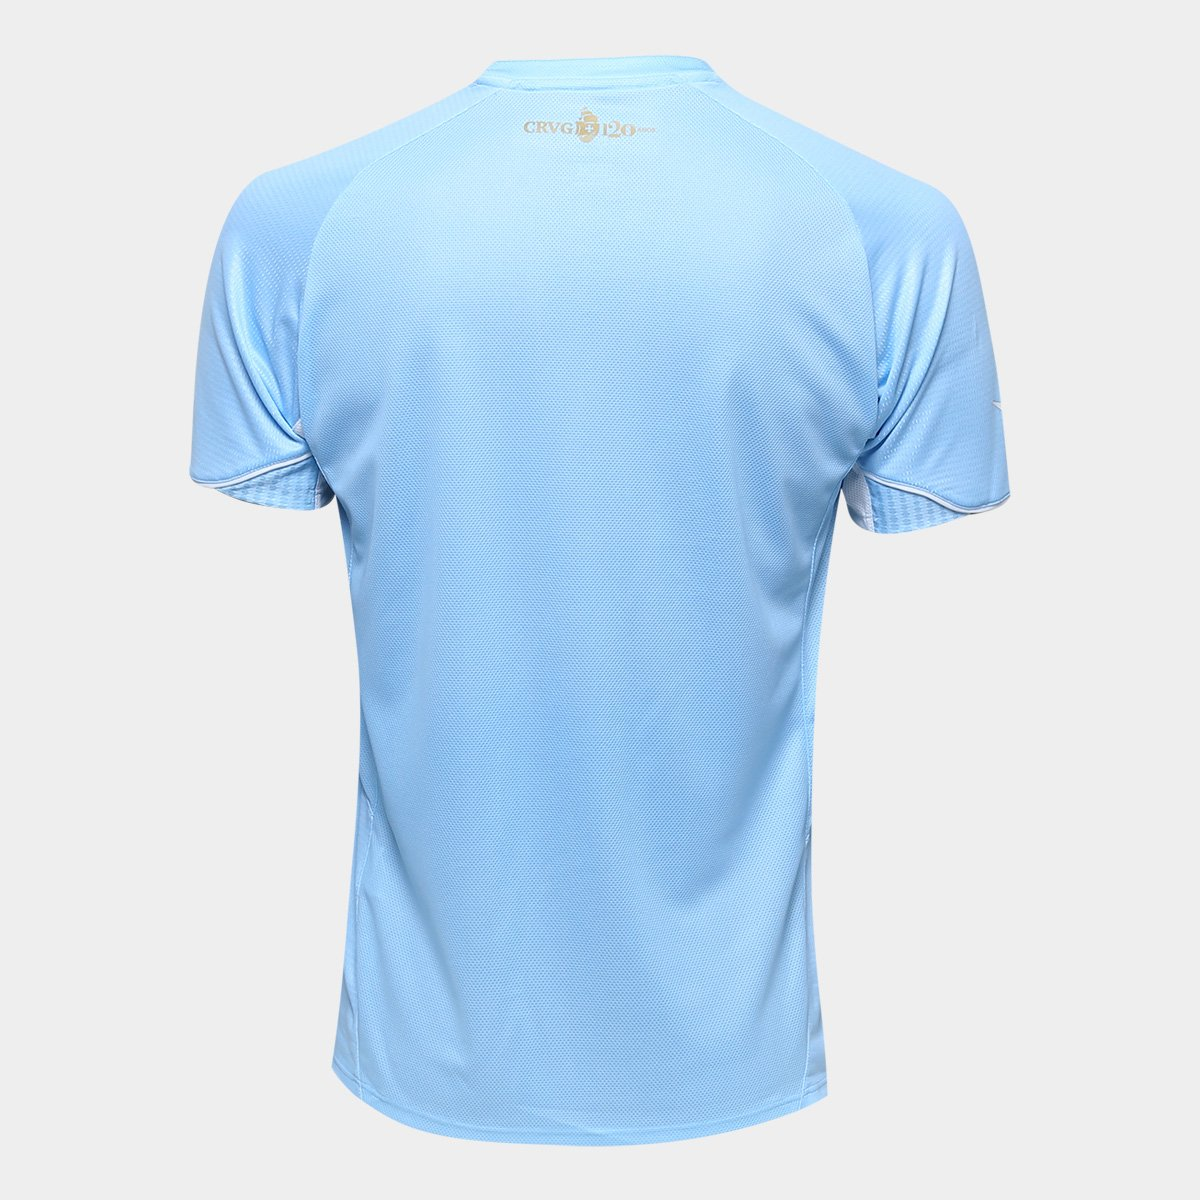 057fb48954 ... Camisa de Goleiro Vasco I 2018 s n° Torcedor Diadora Masculina ...